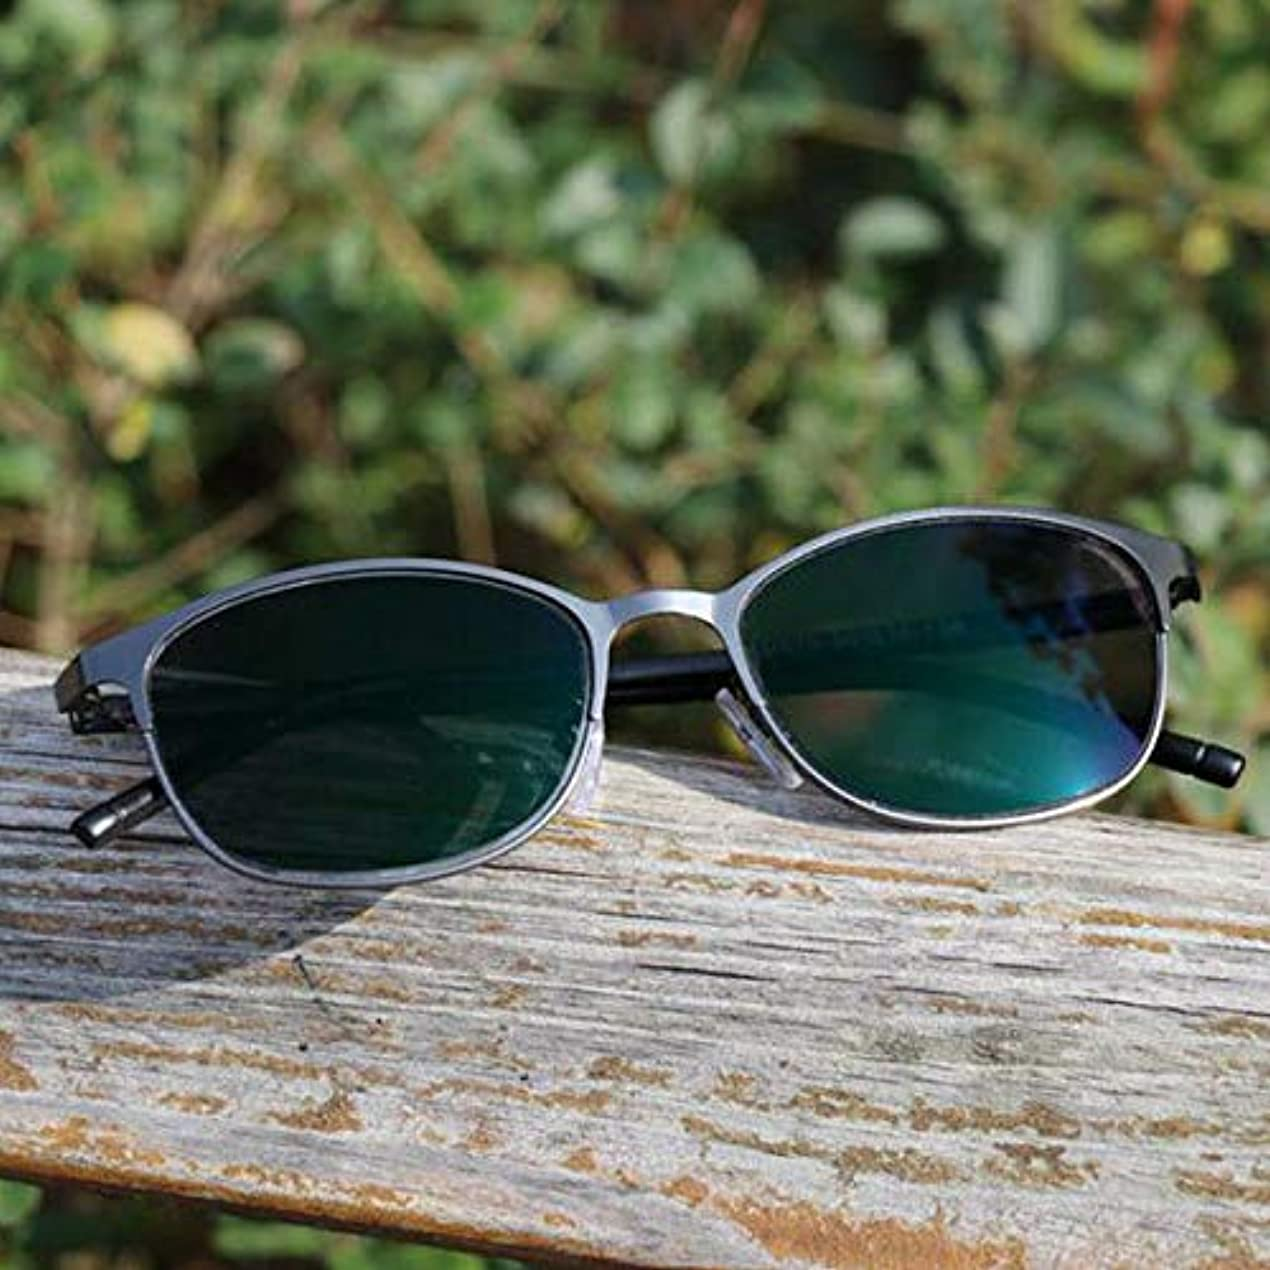 常識迅速ダイアクリティカルFidgetGear フォトクロミック老眼鏡眼鏡カラーチェンジレンズメタルフレームサングラス 褐色